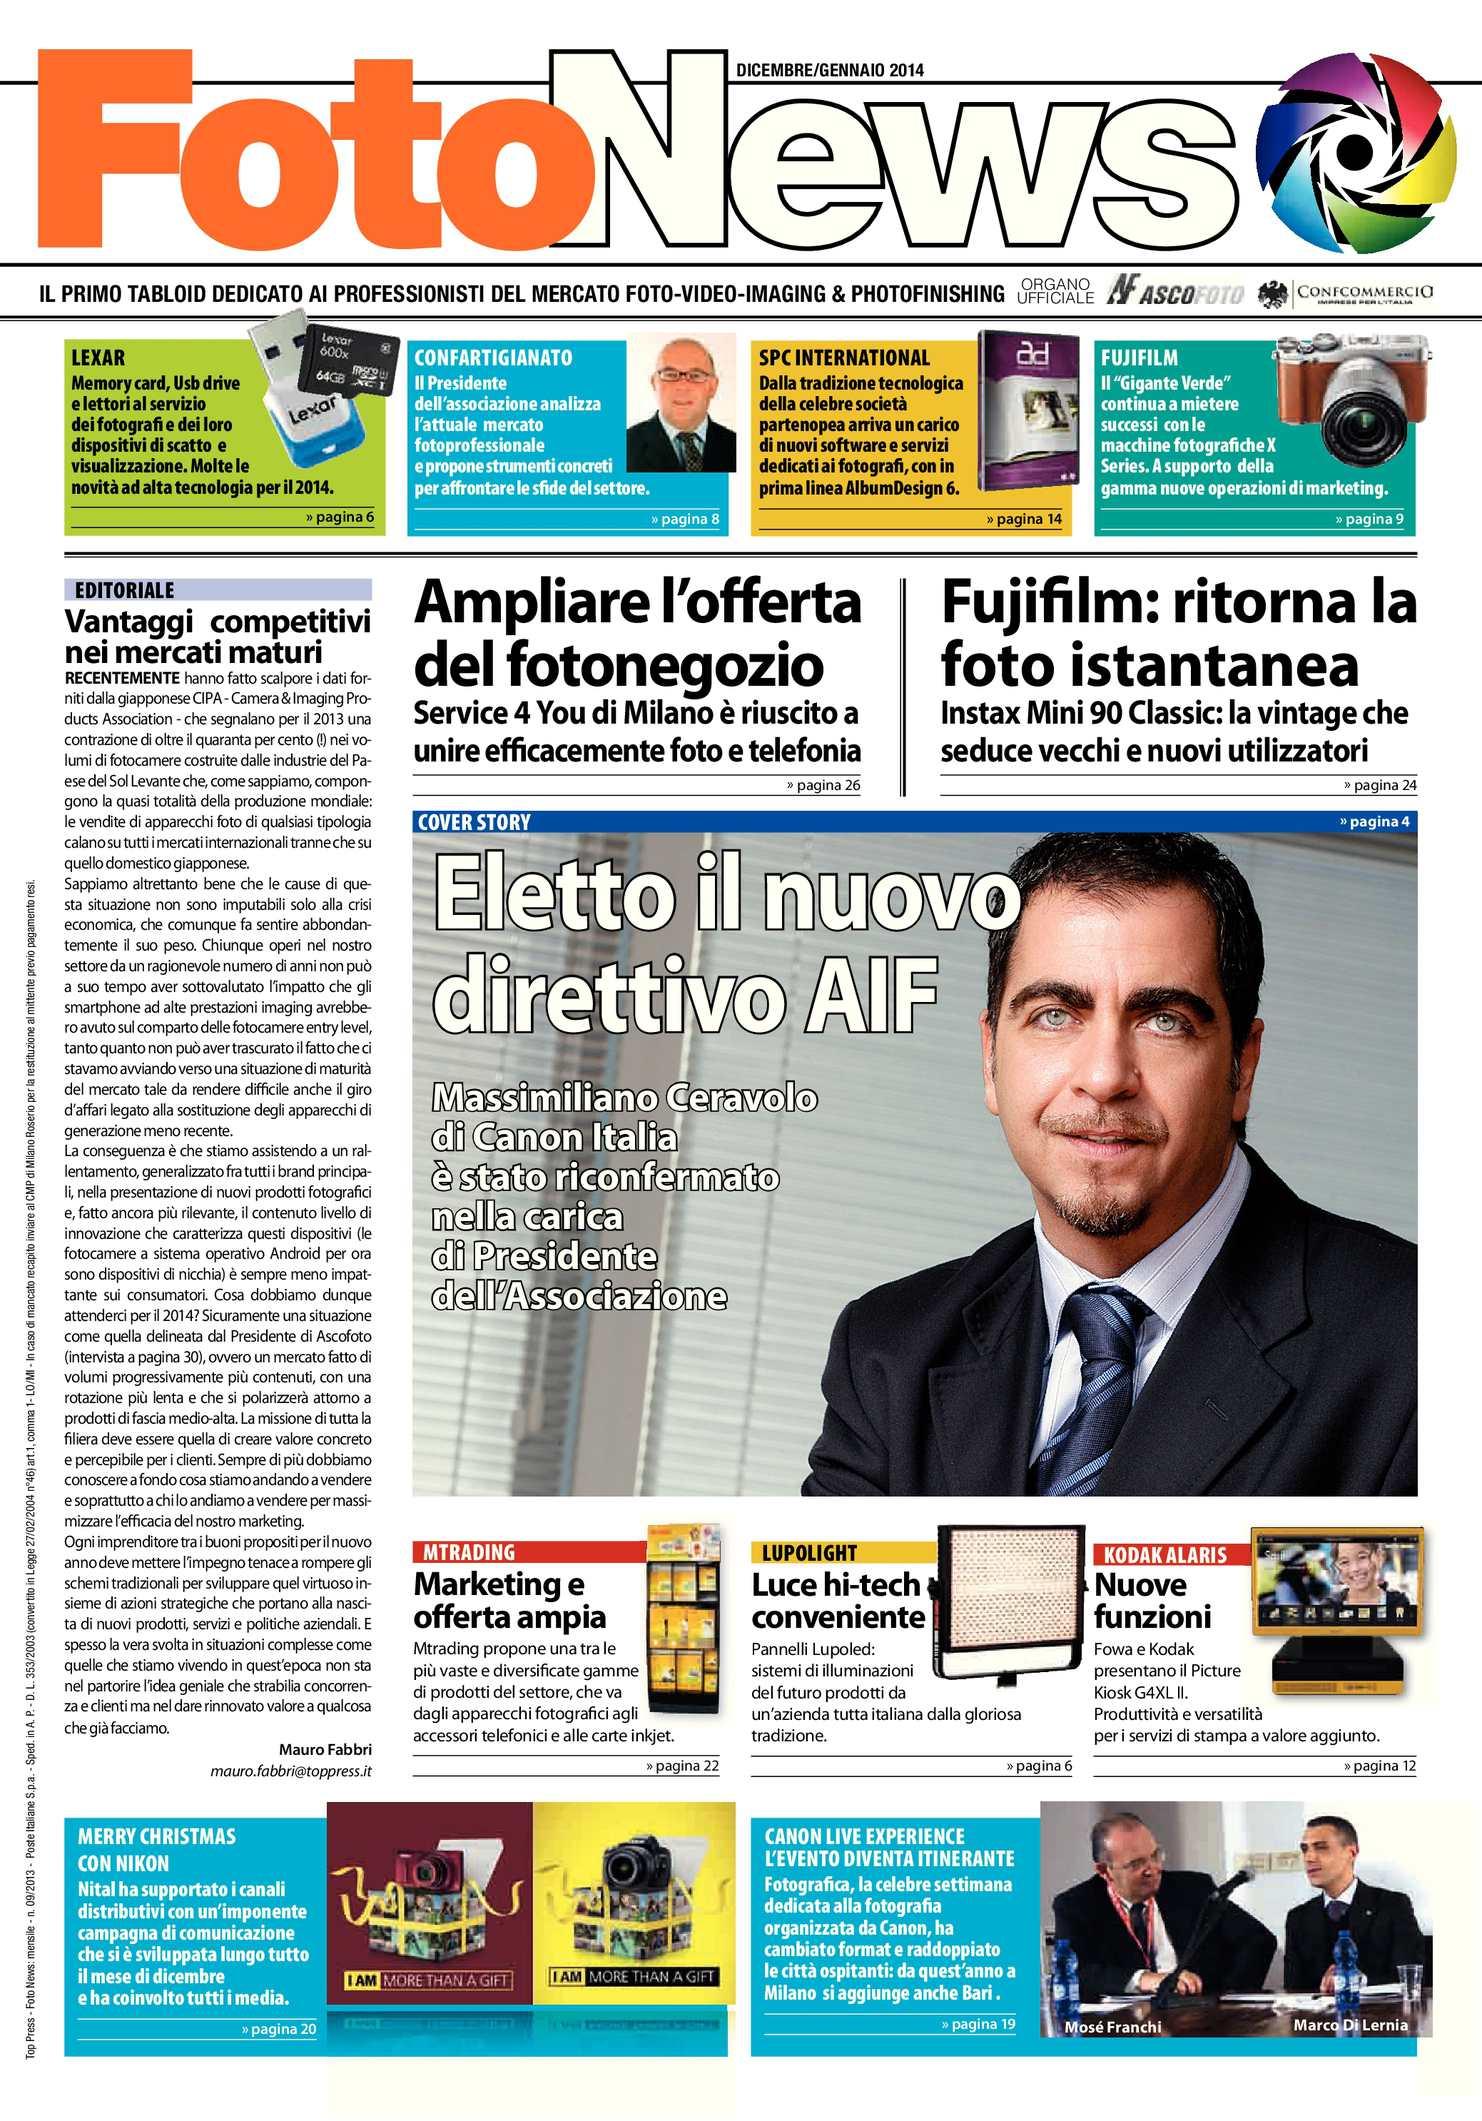 FotoNews 09/2013